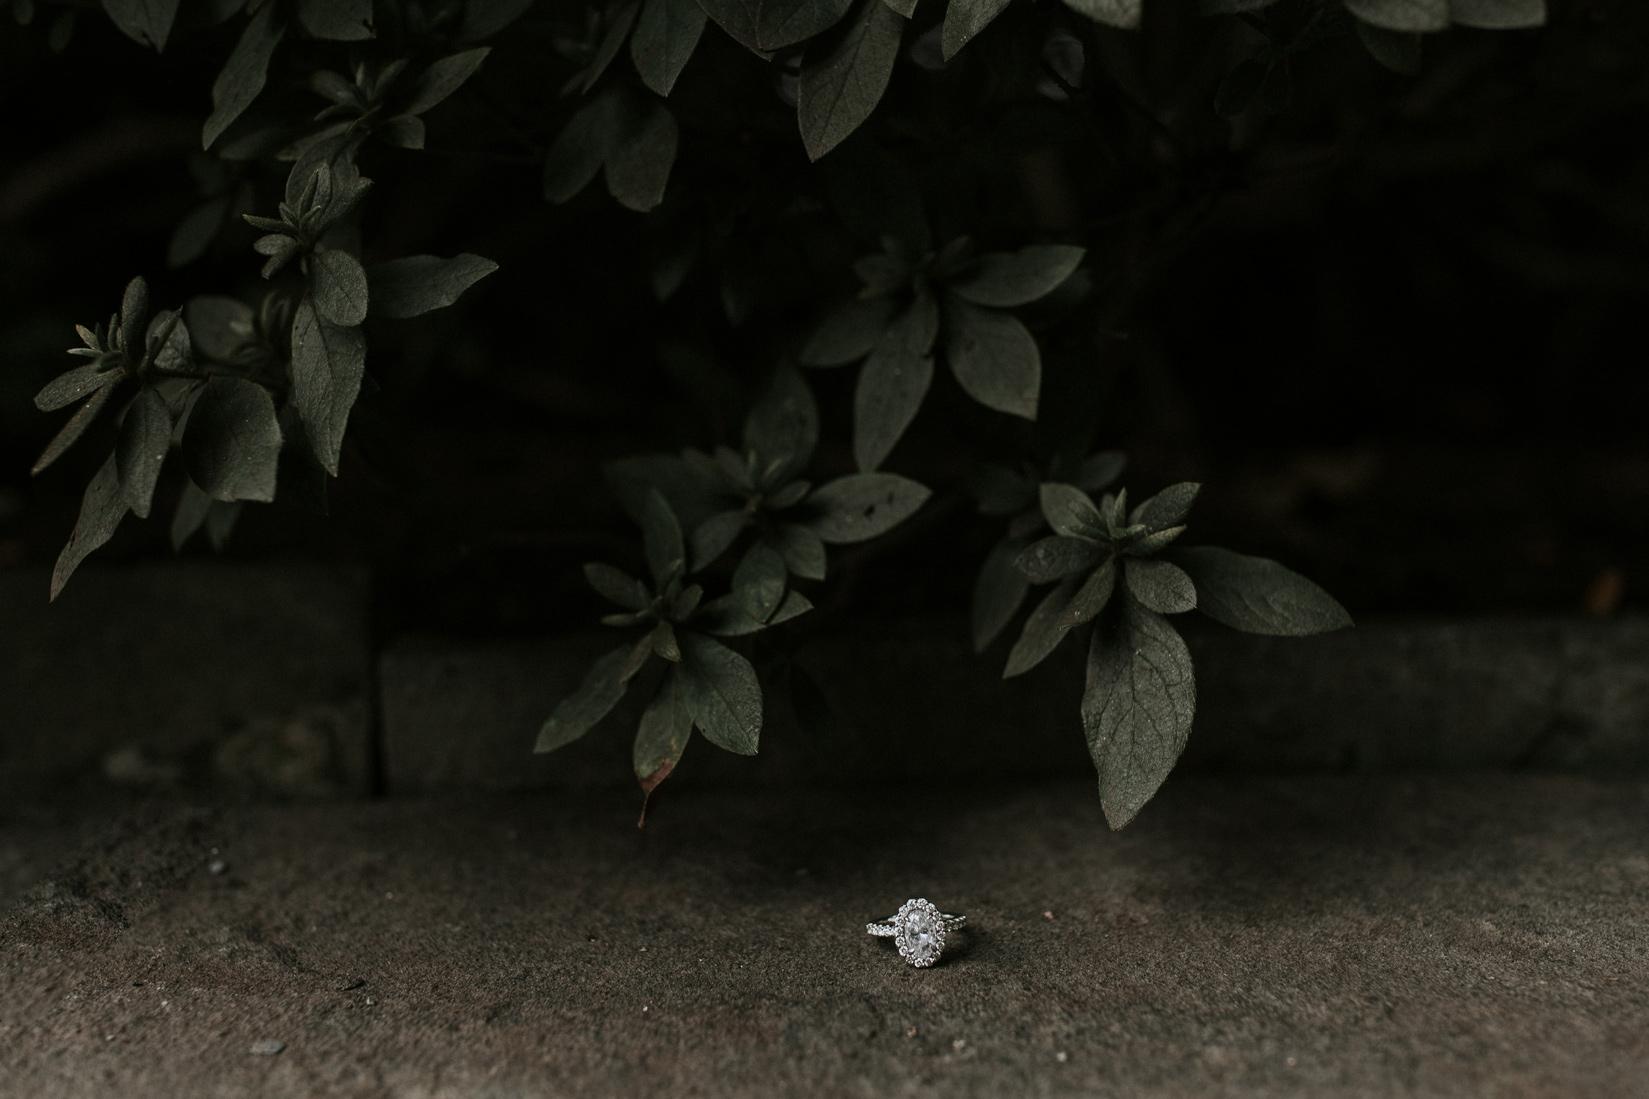 An image from MATT + LOGAN gallery